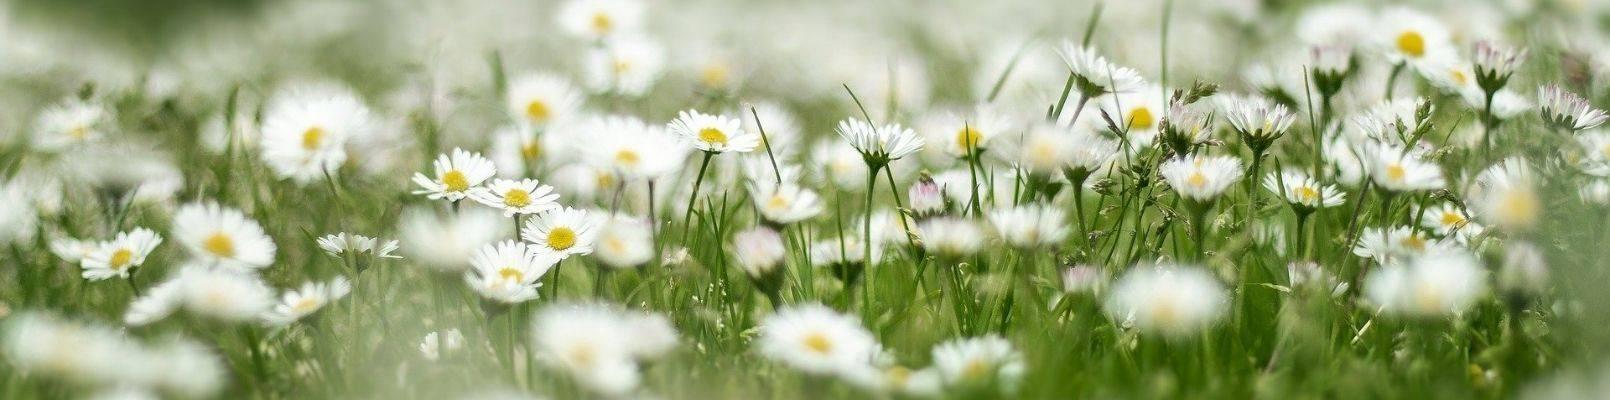 horoscop floral margareta